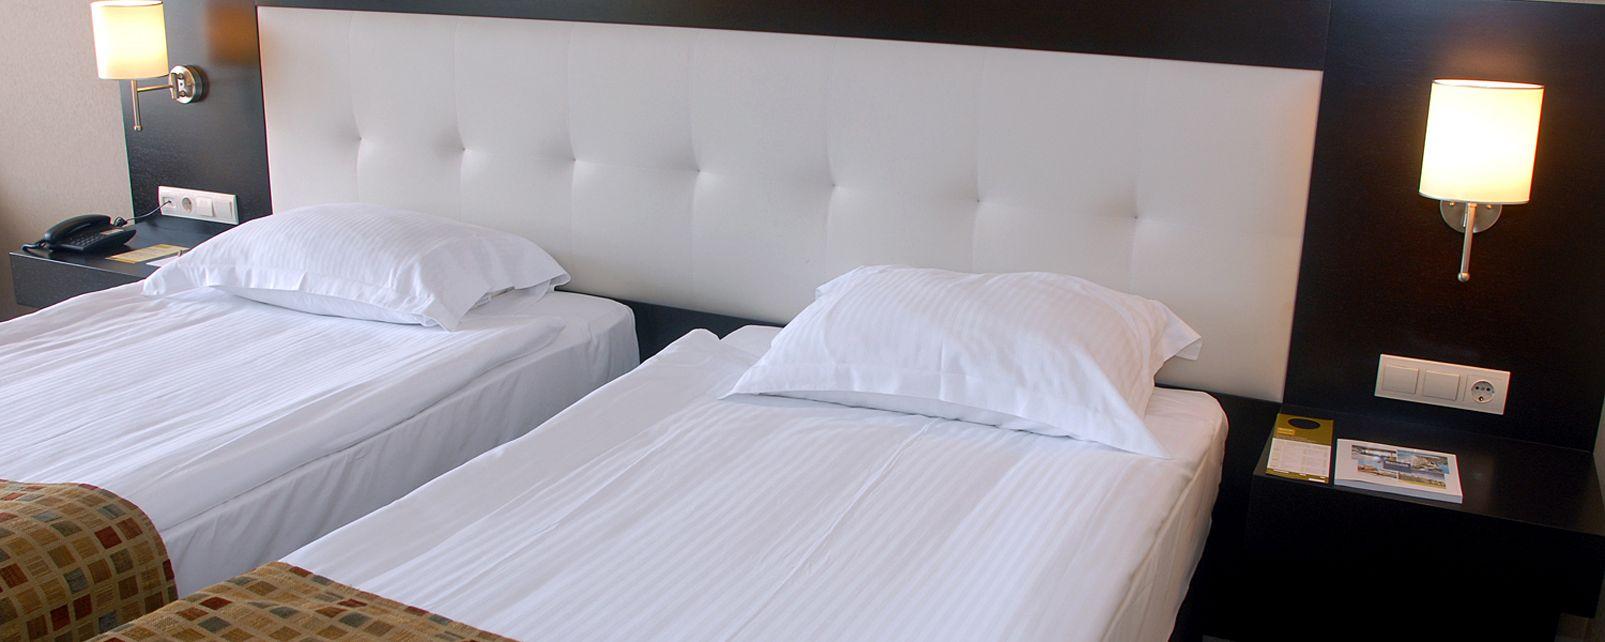 Hotel Eresin Topkapi